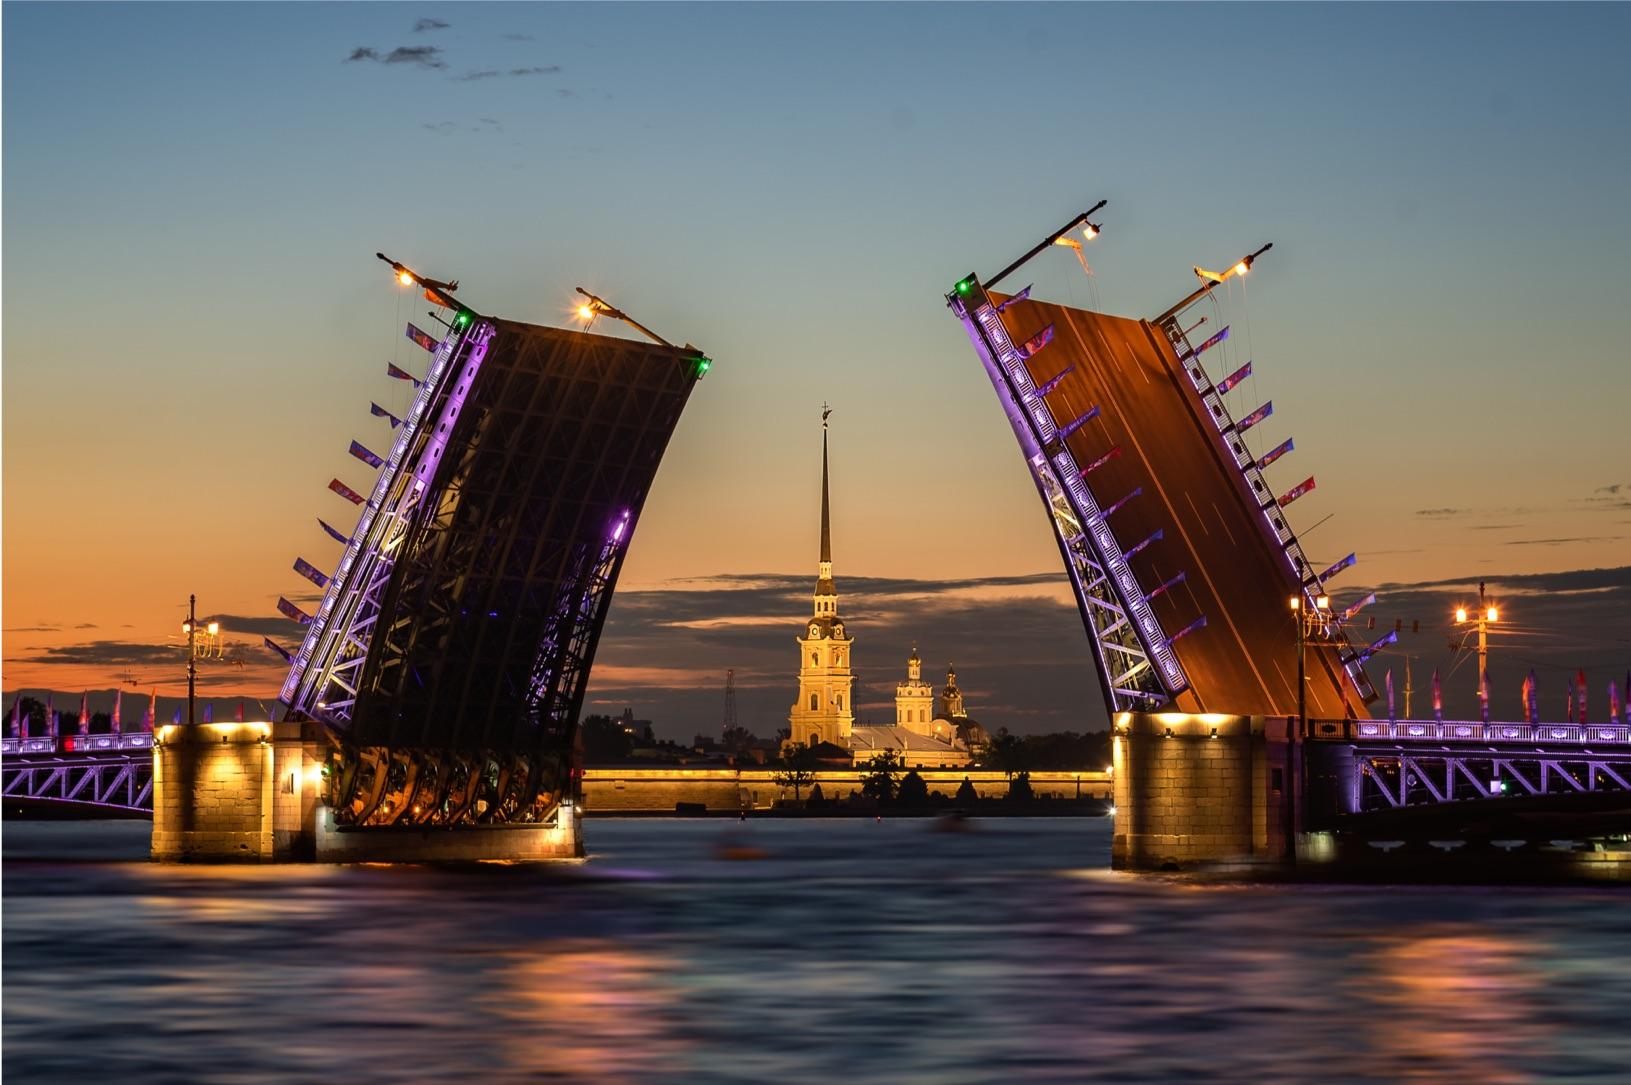 2022年 5/27 北歐豪華遊輪之旅12日 6/3 俄羅斯聖彼得堡 St. Petersburg, Russia